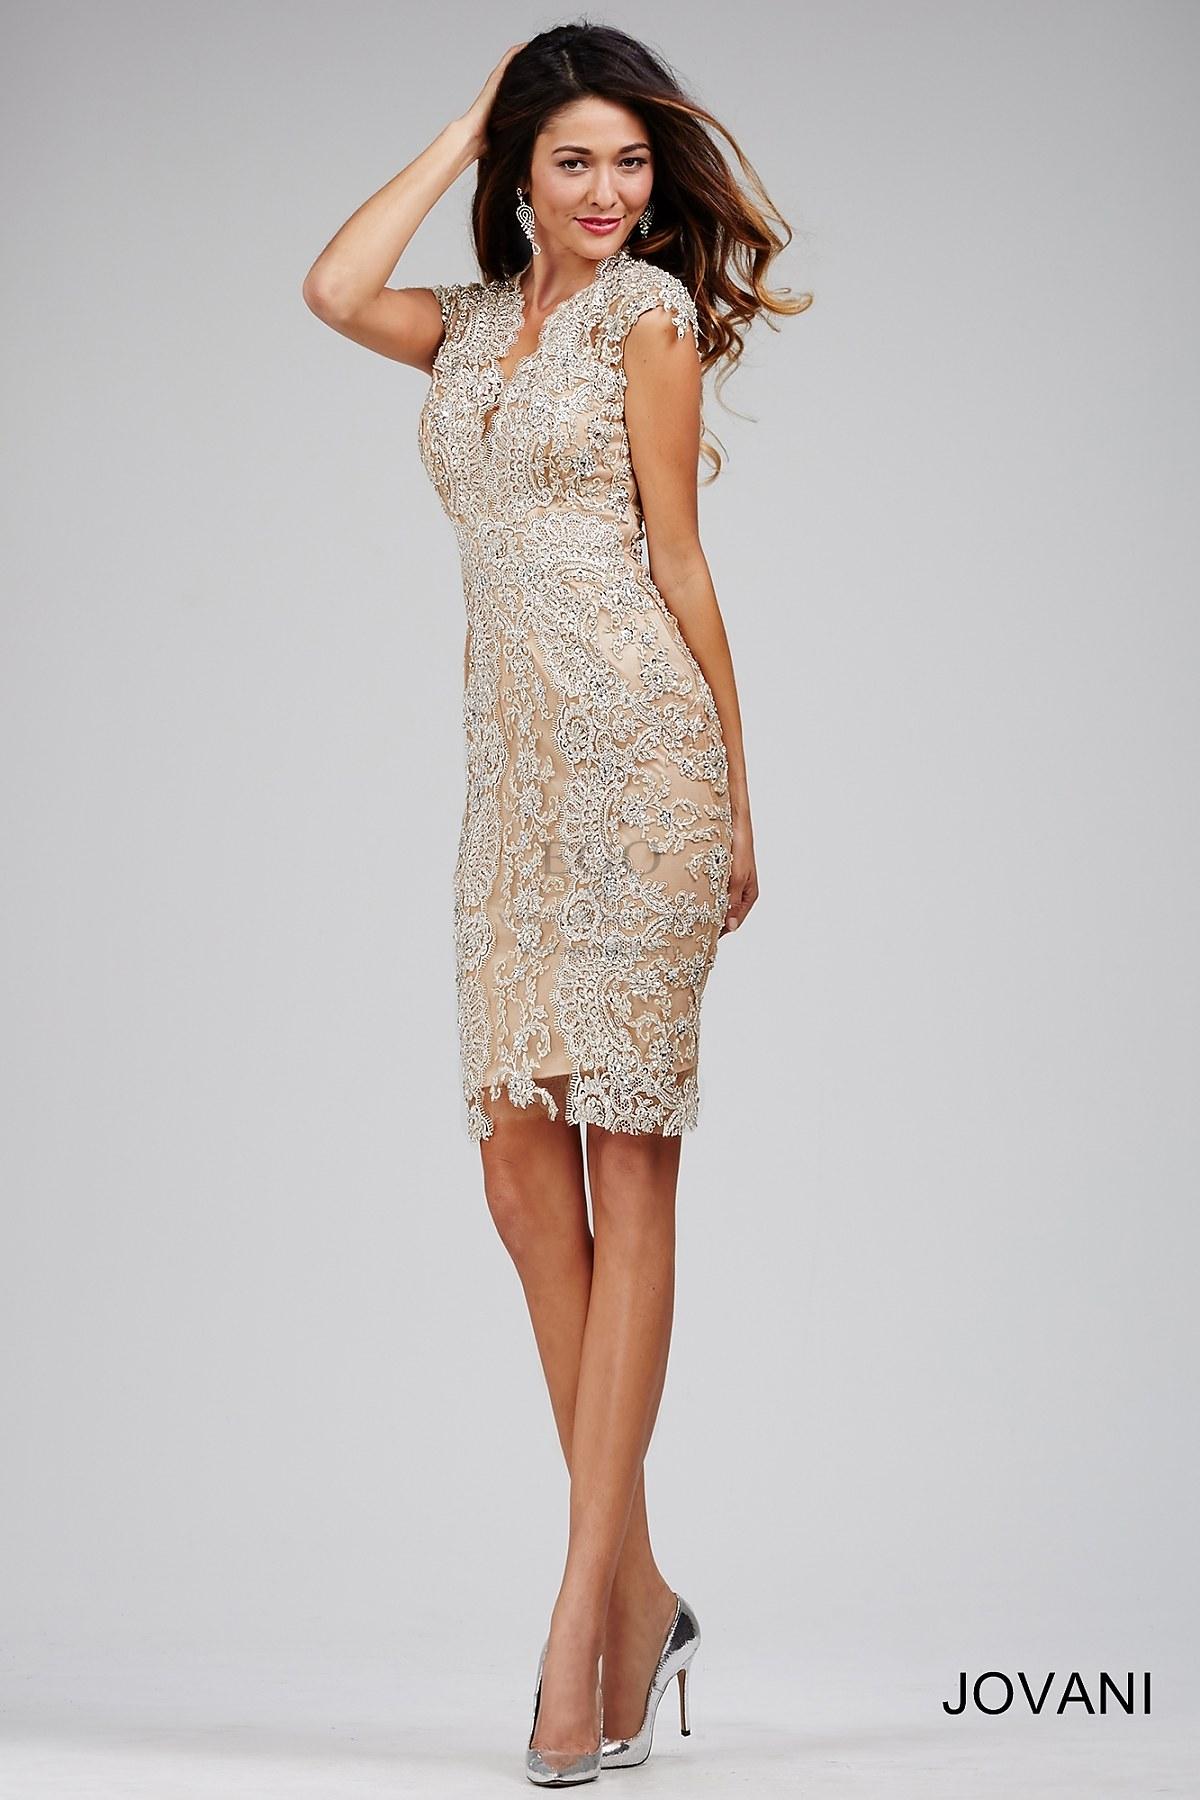 5dec1158ef34224 Вечерние платья Jovani в каталоге Ego Wedding Boutique в Саратове.